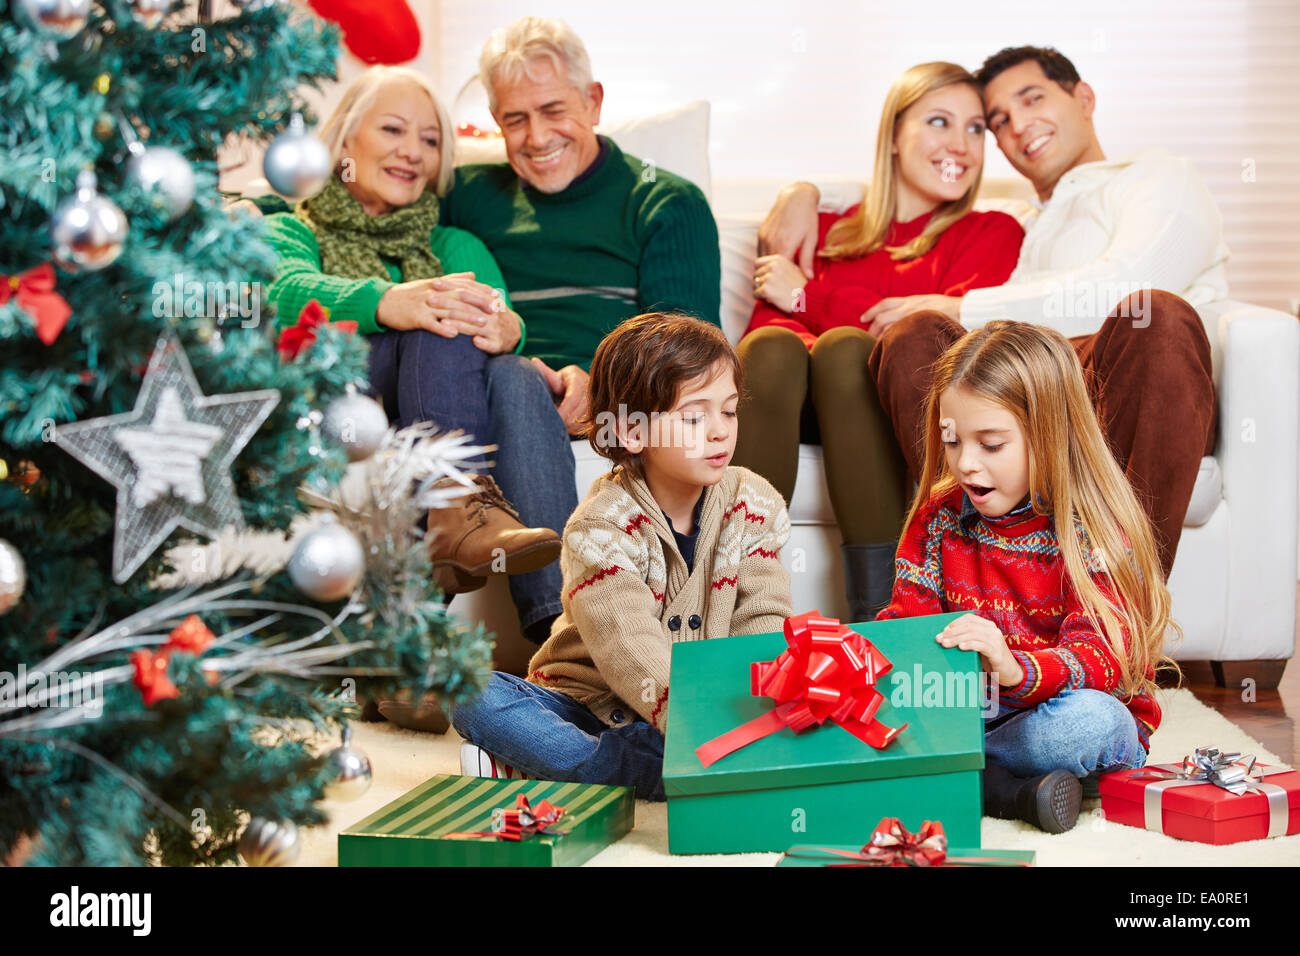 Apertura Regali Di Natale.Dei Bambini Felici Apertura Dei Regali A Natale Mentre I Genitori E I Nonni Stanno A Guardare Foto Stock Alamy